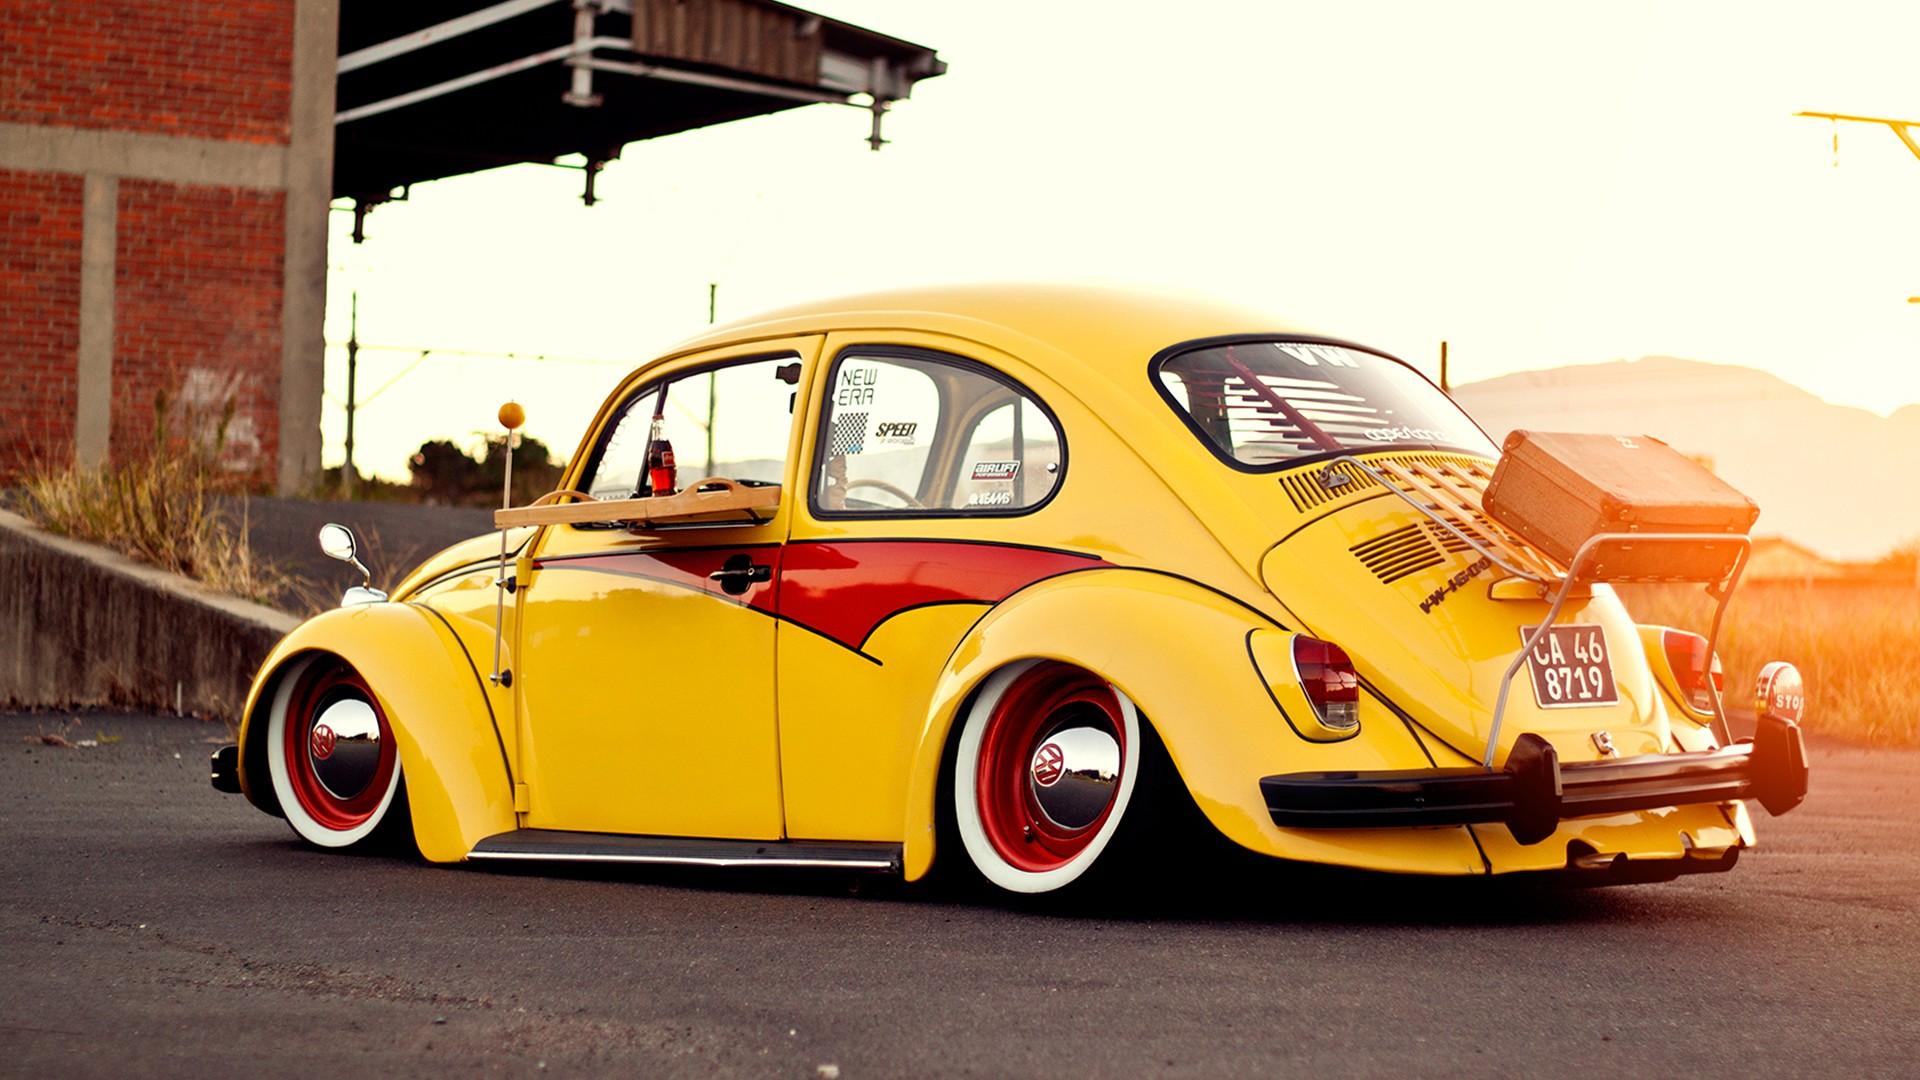 volkswagen beetle images volkswagen beetle (volkswagen käfer